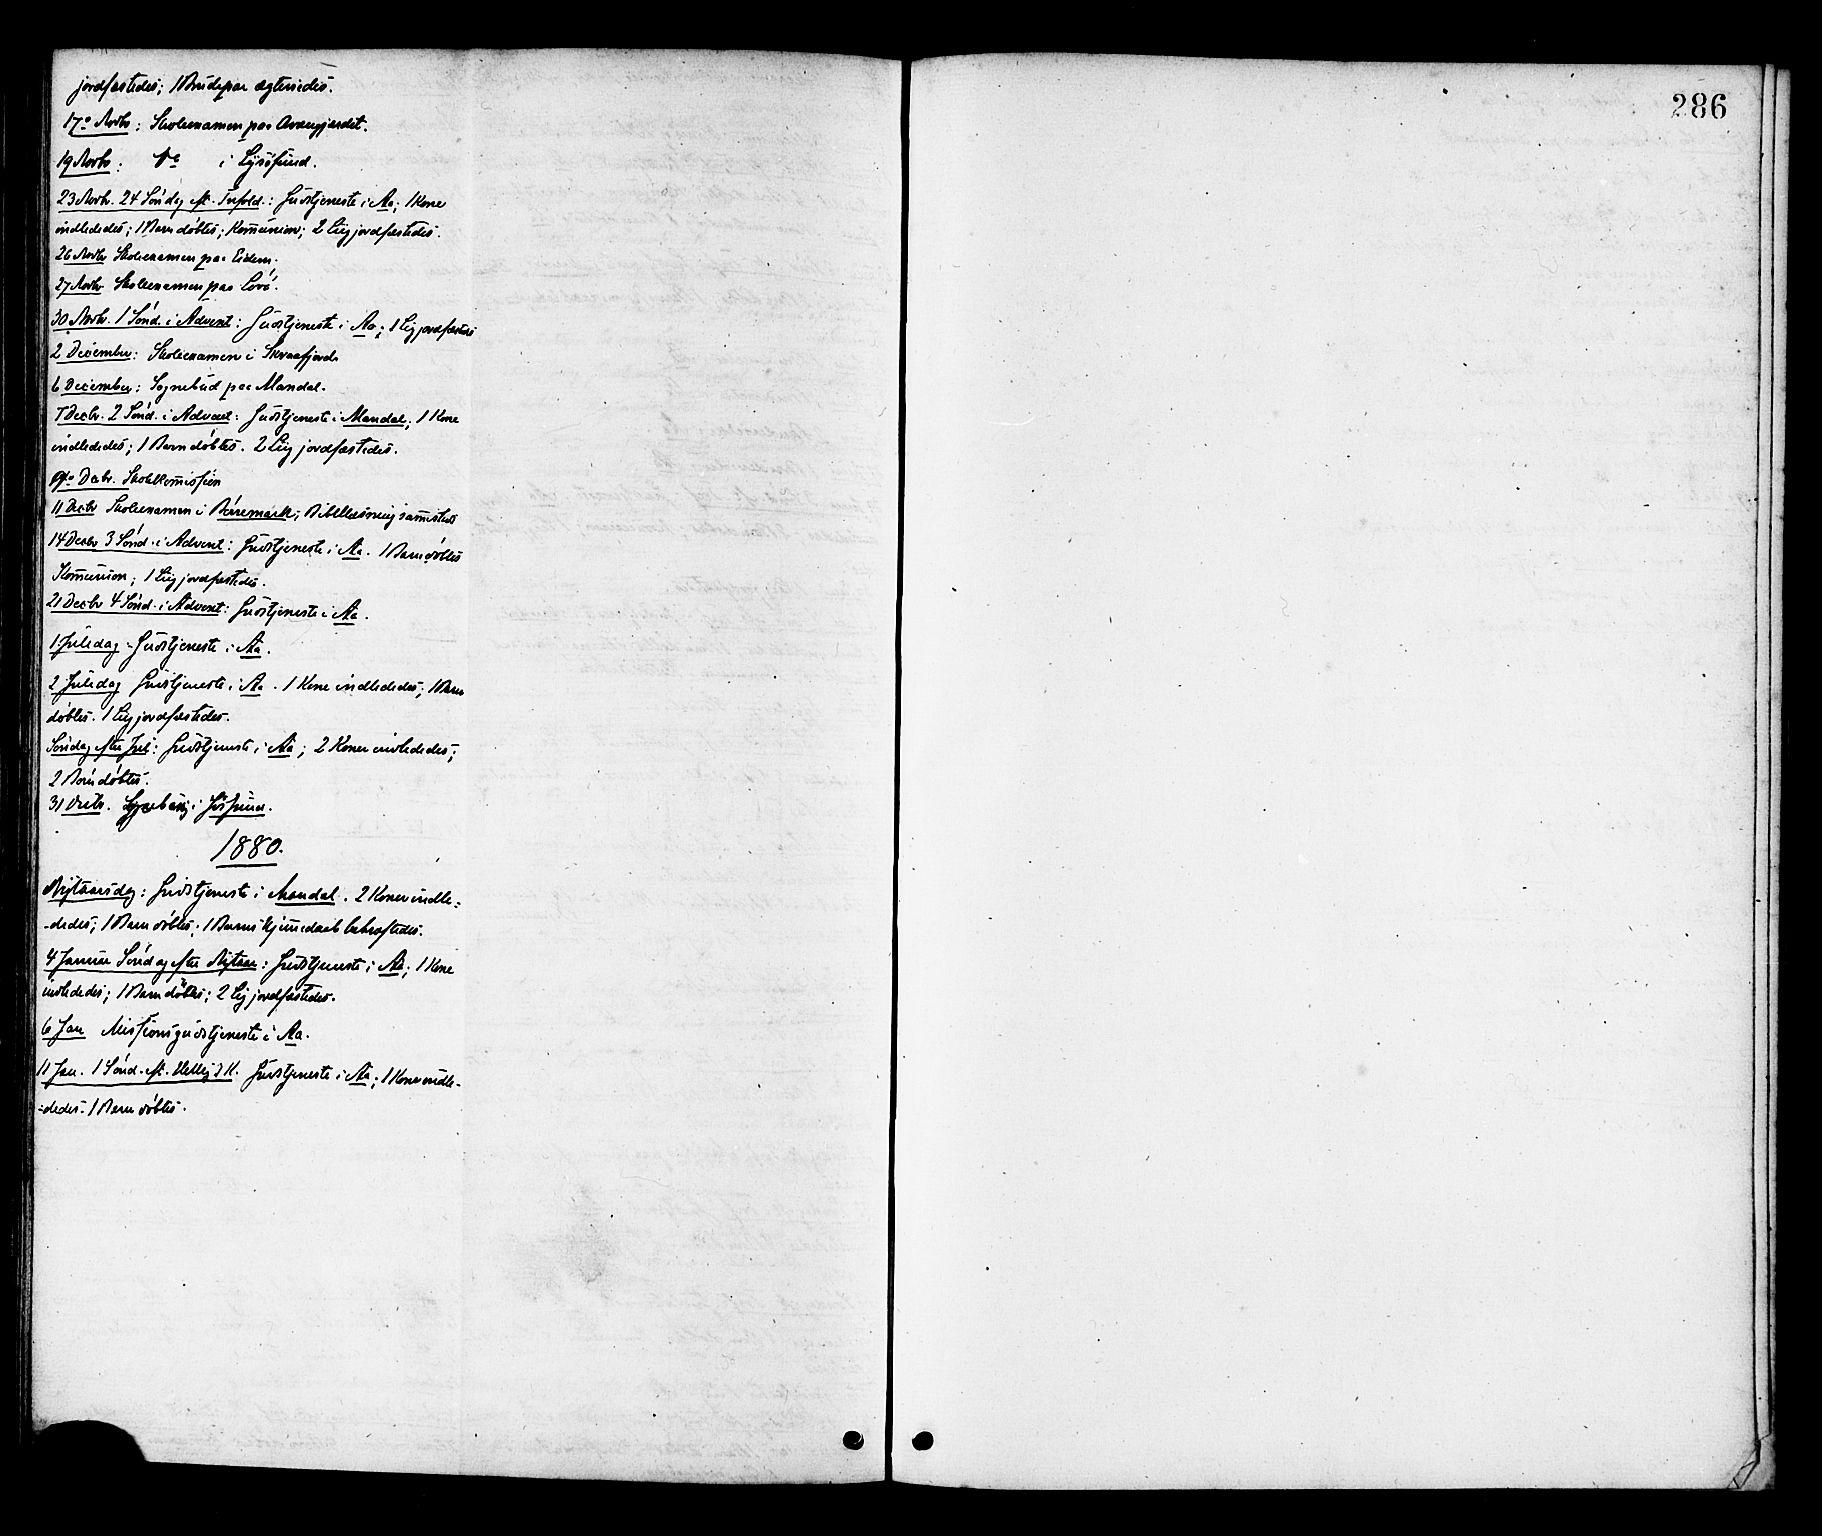 SAT, Ministerialprotokoller, klokkerbøker og fødselsregistre - Sør-Trøndelag, 655/L0679: Ministerialbok nr. 655A08, 1873-1879, s. 286